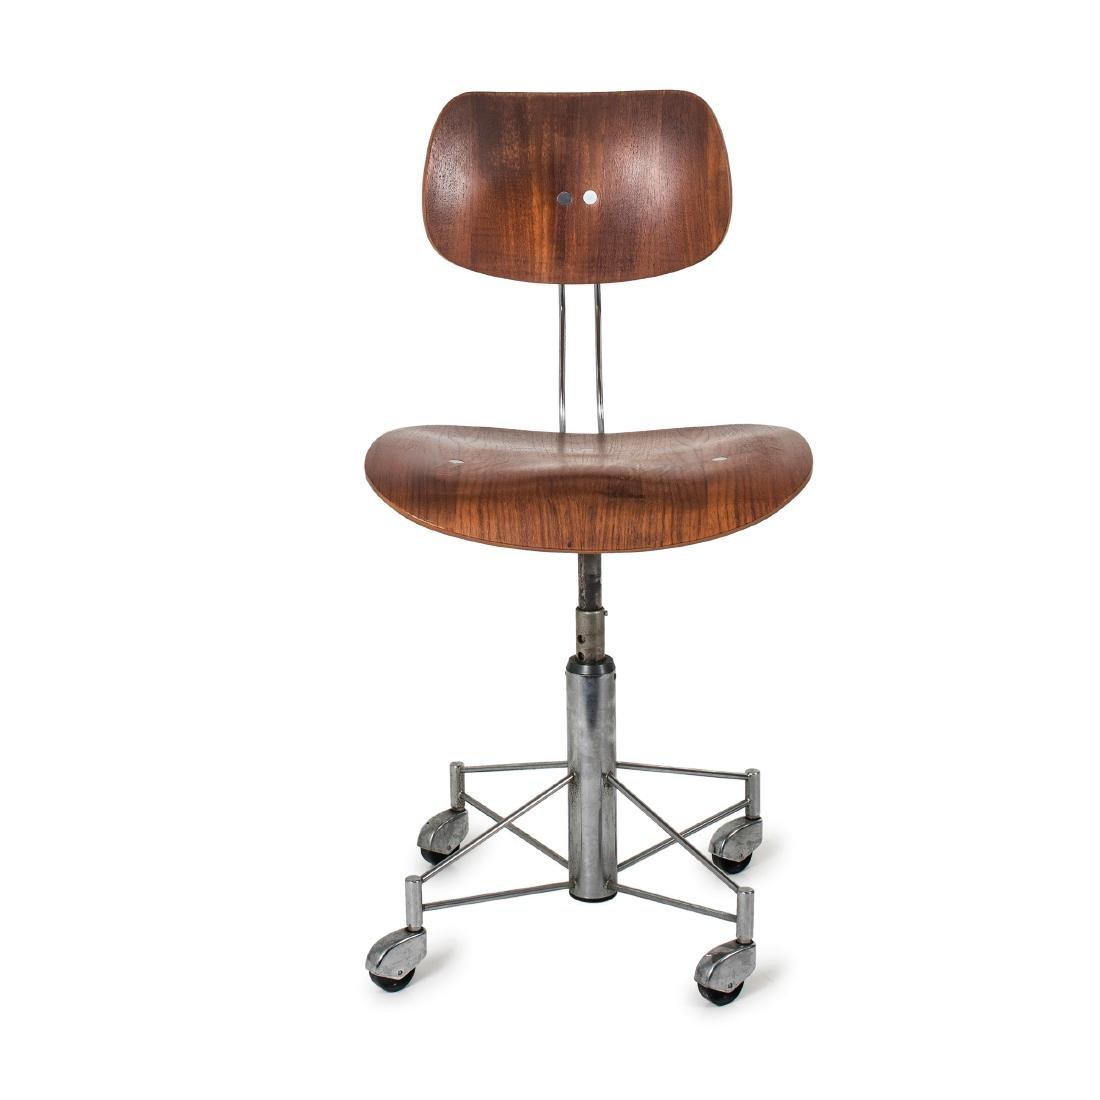 'SE 140R' desk chair, 1957